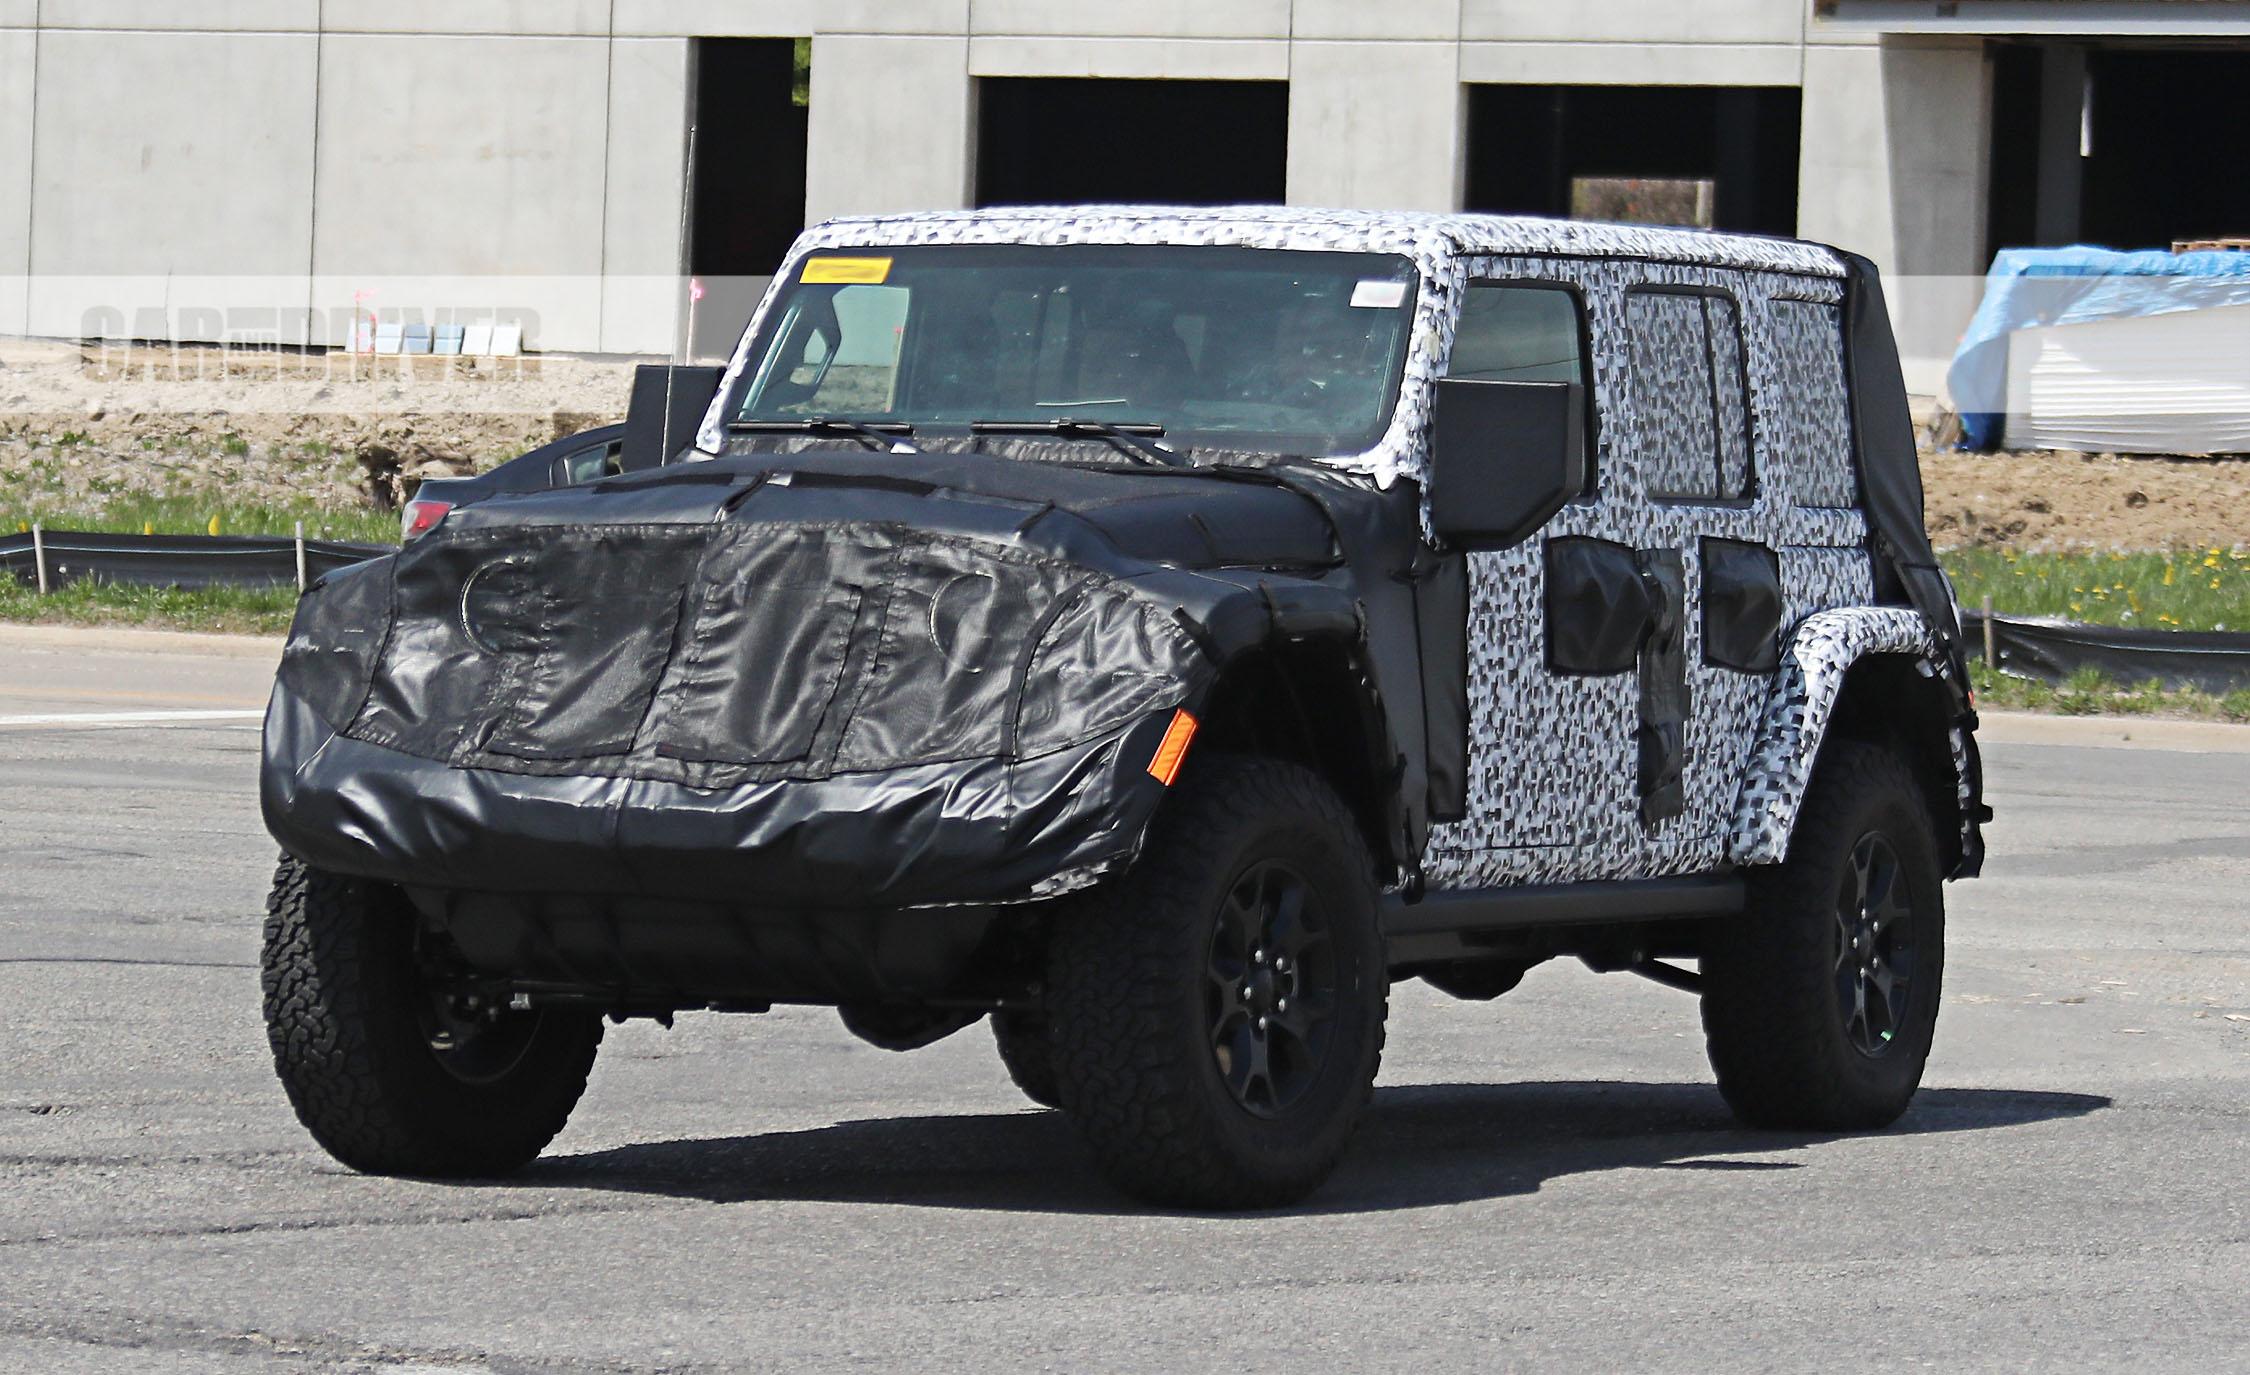 El nuevo Jeep Wrangler promete mejoras y cambios en su conjunto aunque hay cosas que no cambiarán en la próxima generación del Wrangler, manteniéndose fiel a sus principios.